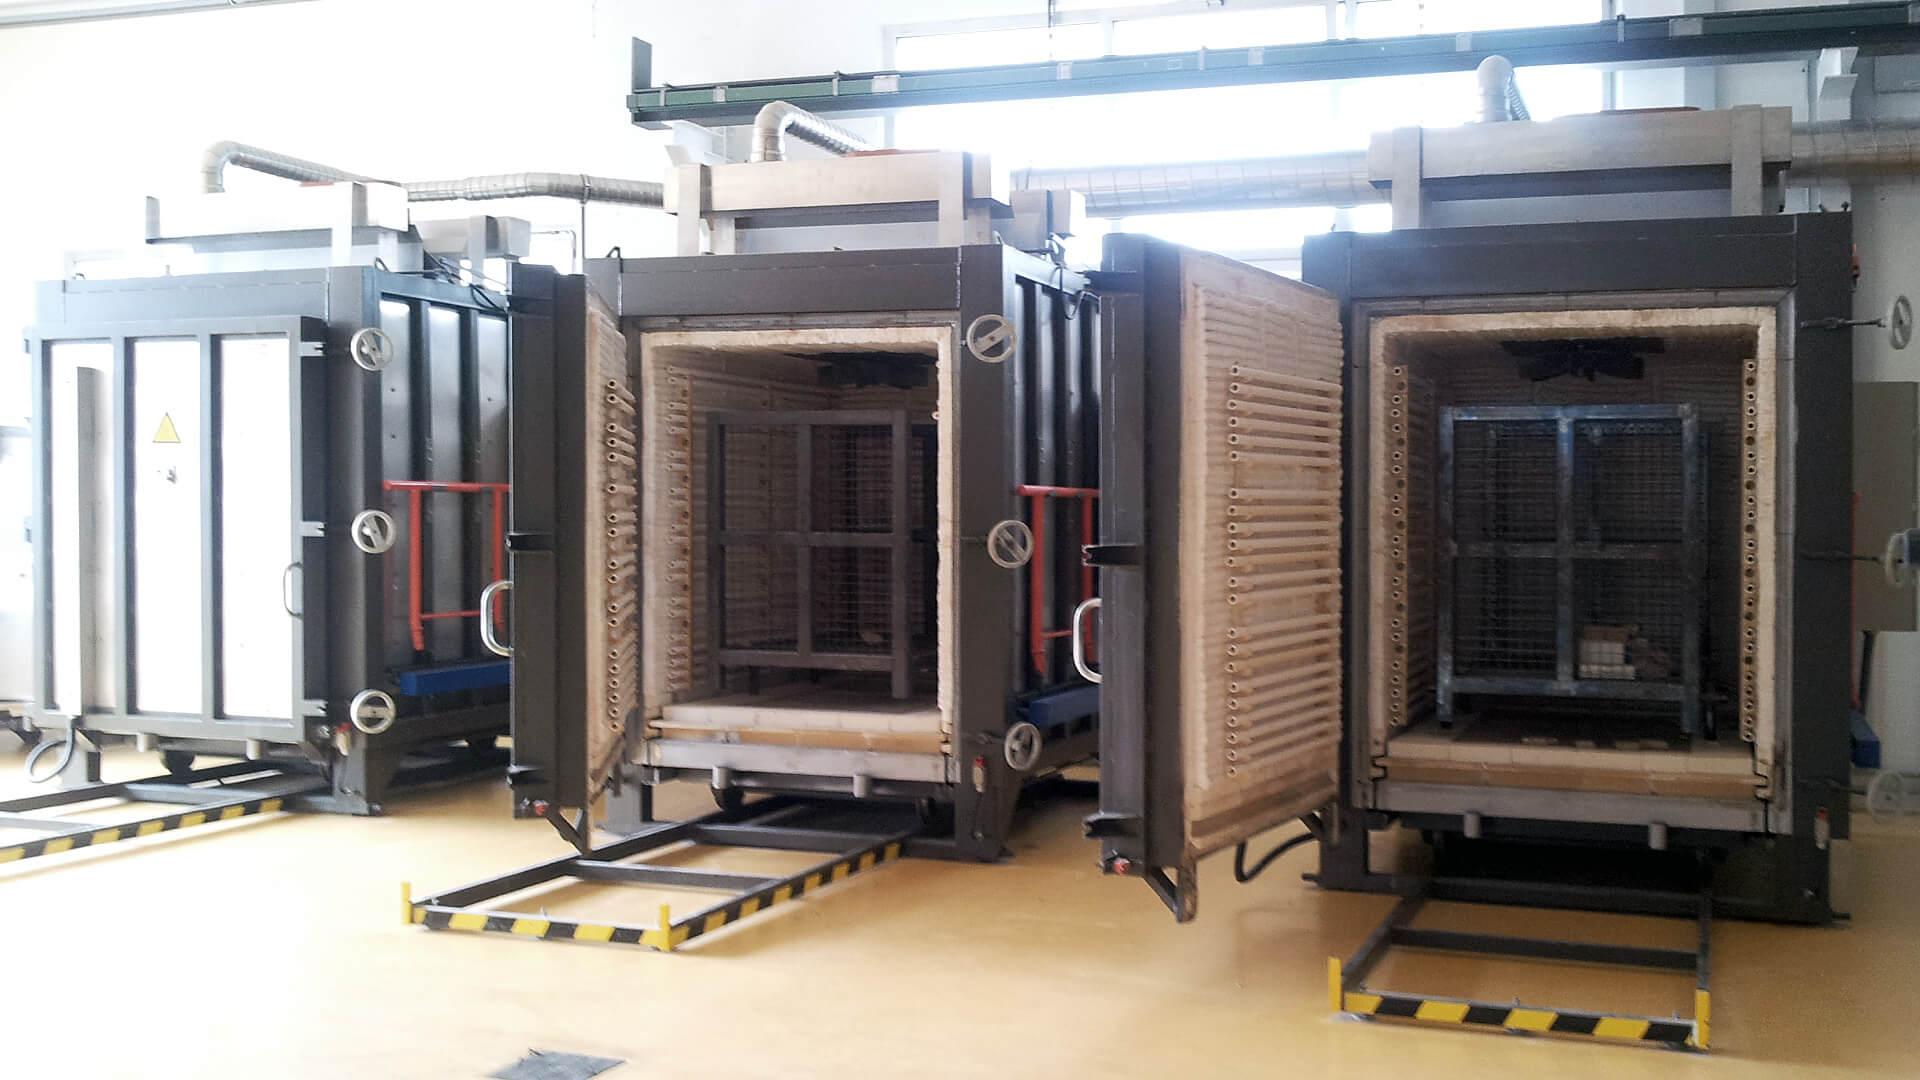 Forno industriale per Forni elettrici per ceramica tecnica | Pagnotta Termomeccanica